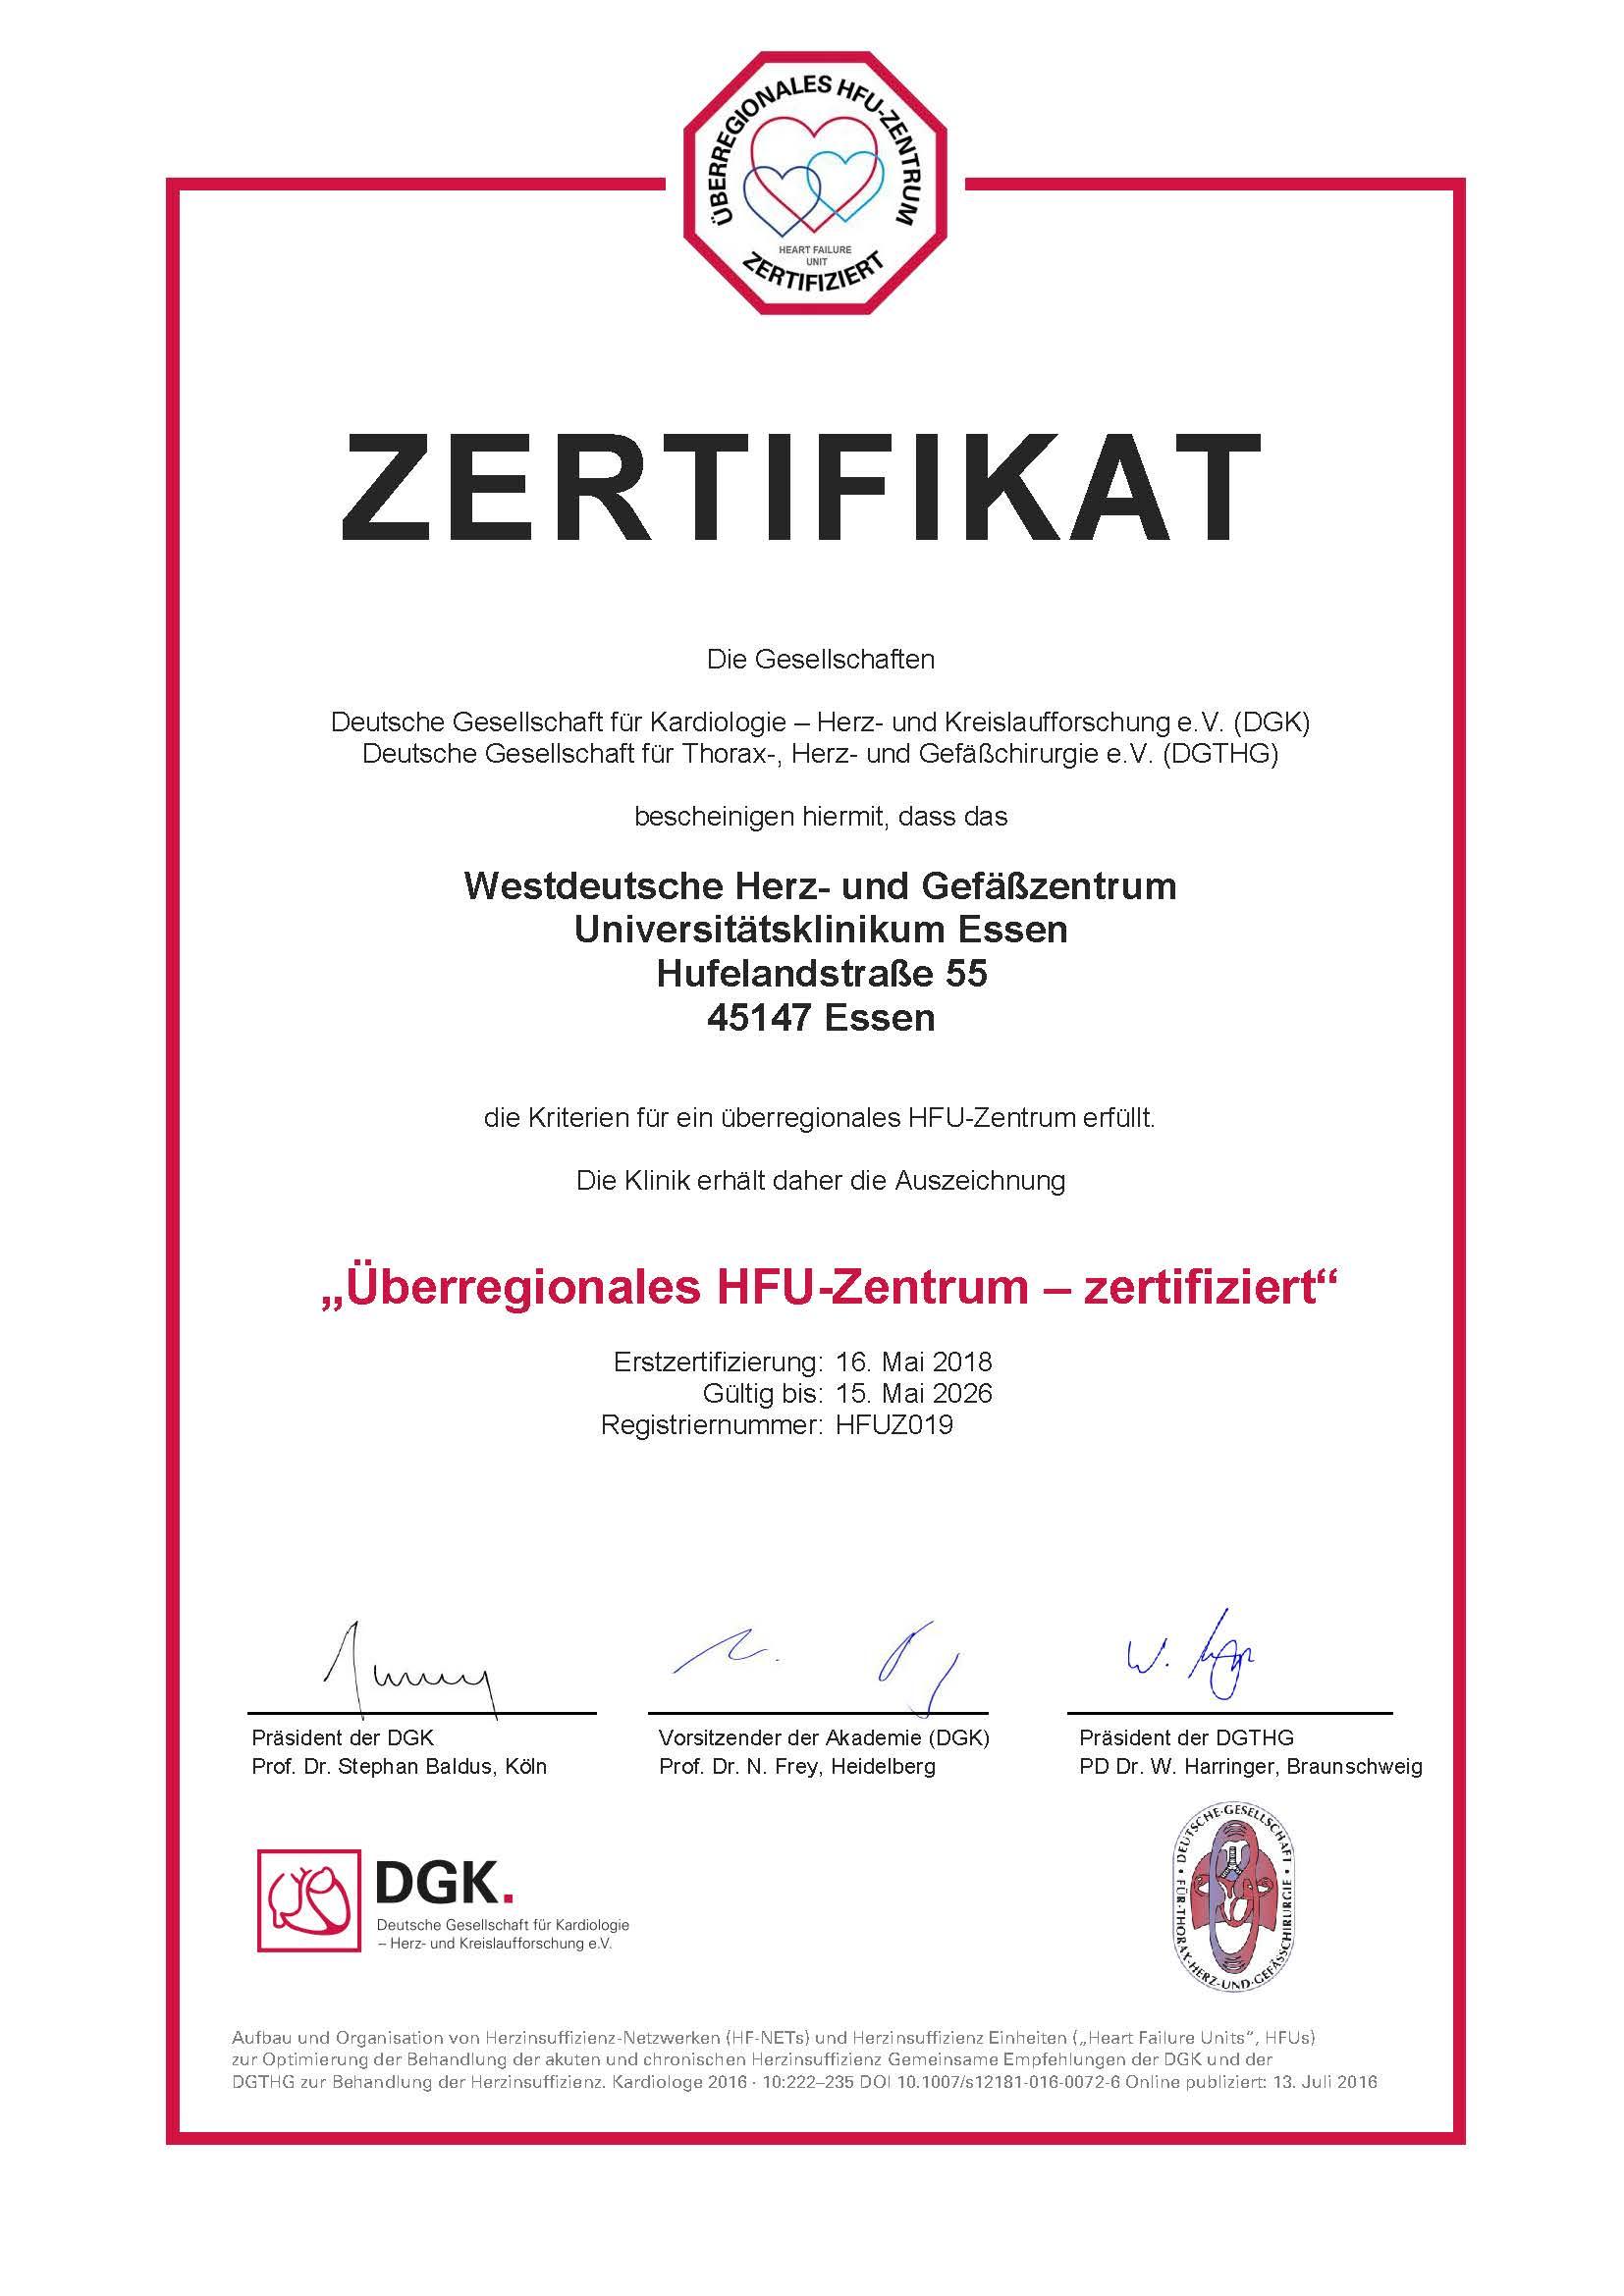 Re-Zertifizierung eines Überregionalen HFU-Zentrums